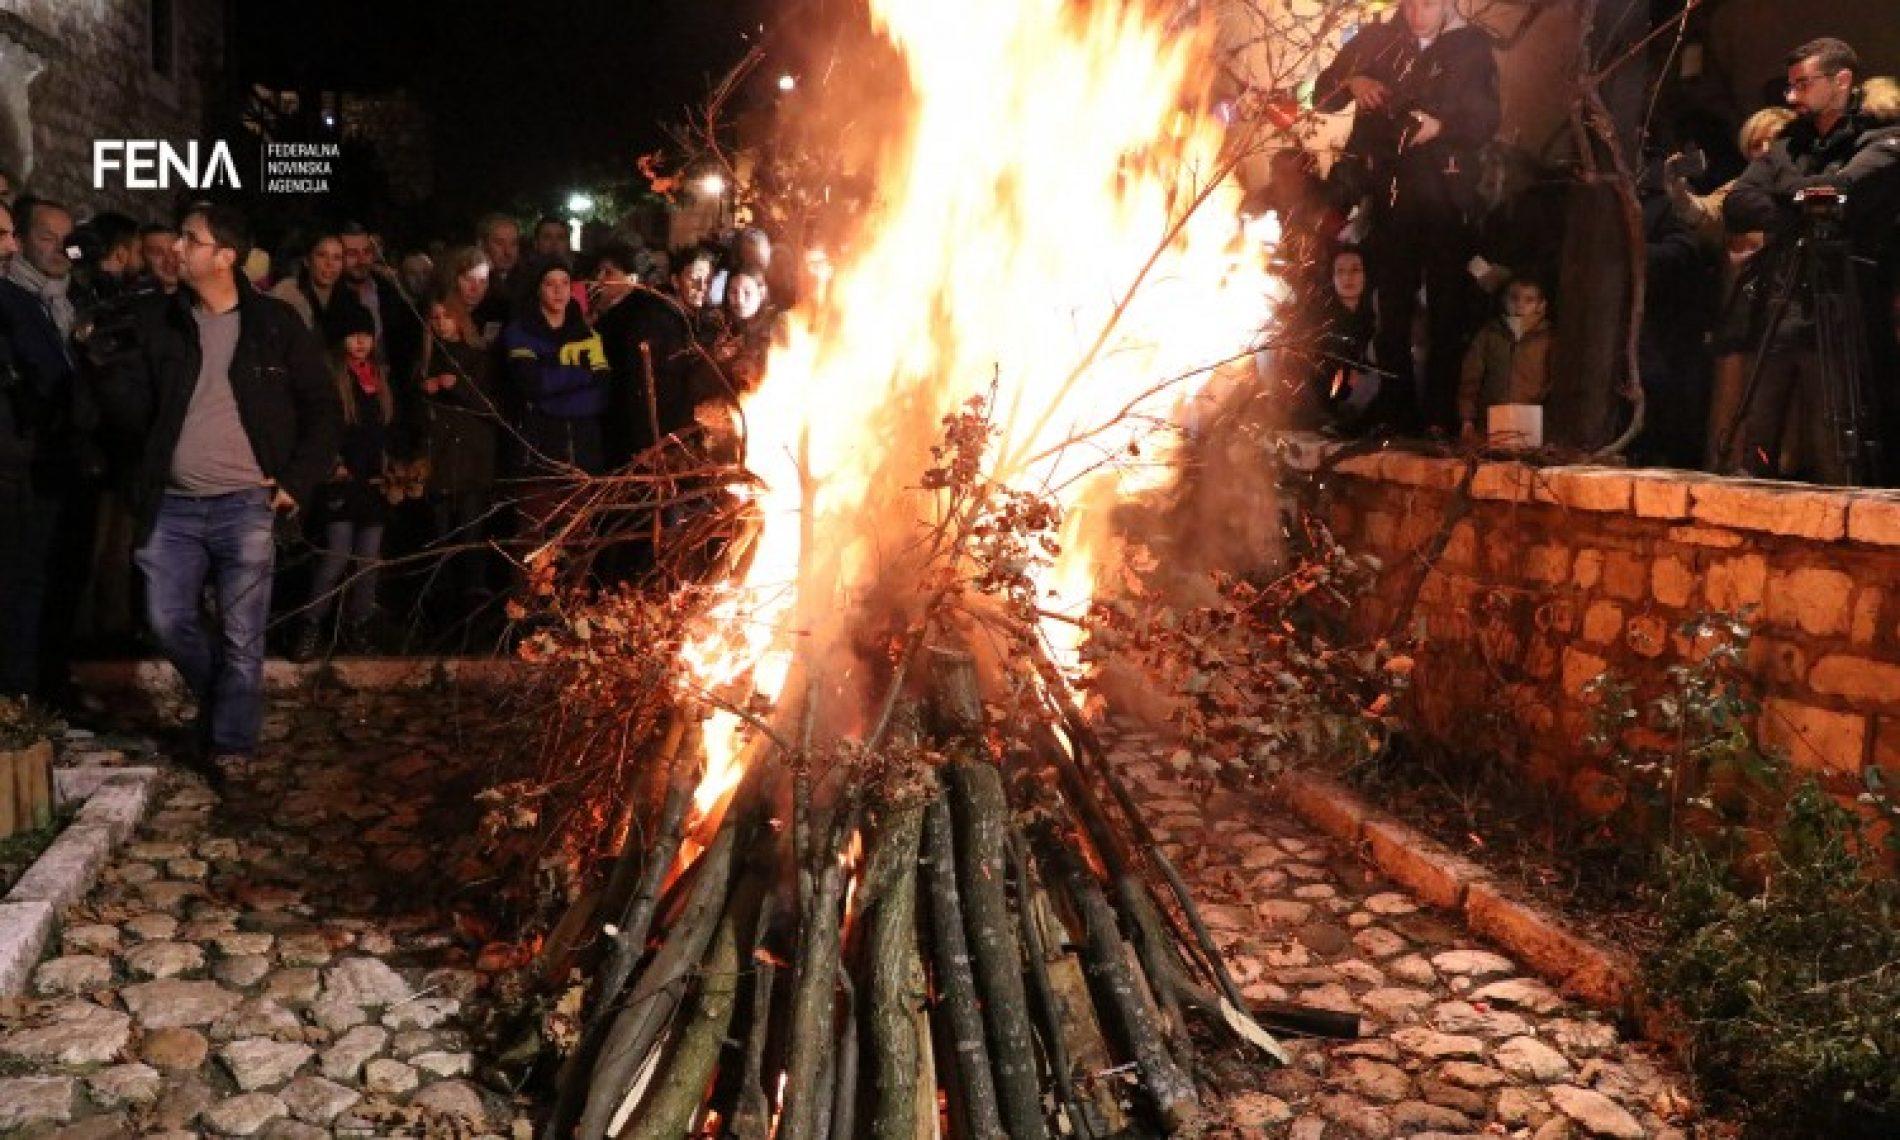 Večernje bogosluženje i paljenje badnjaka uoči pravoslavnog Božića (VIDEO)